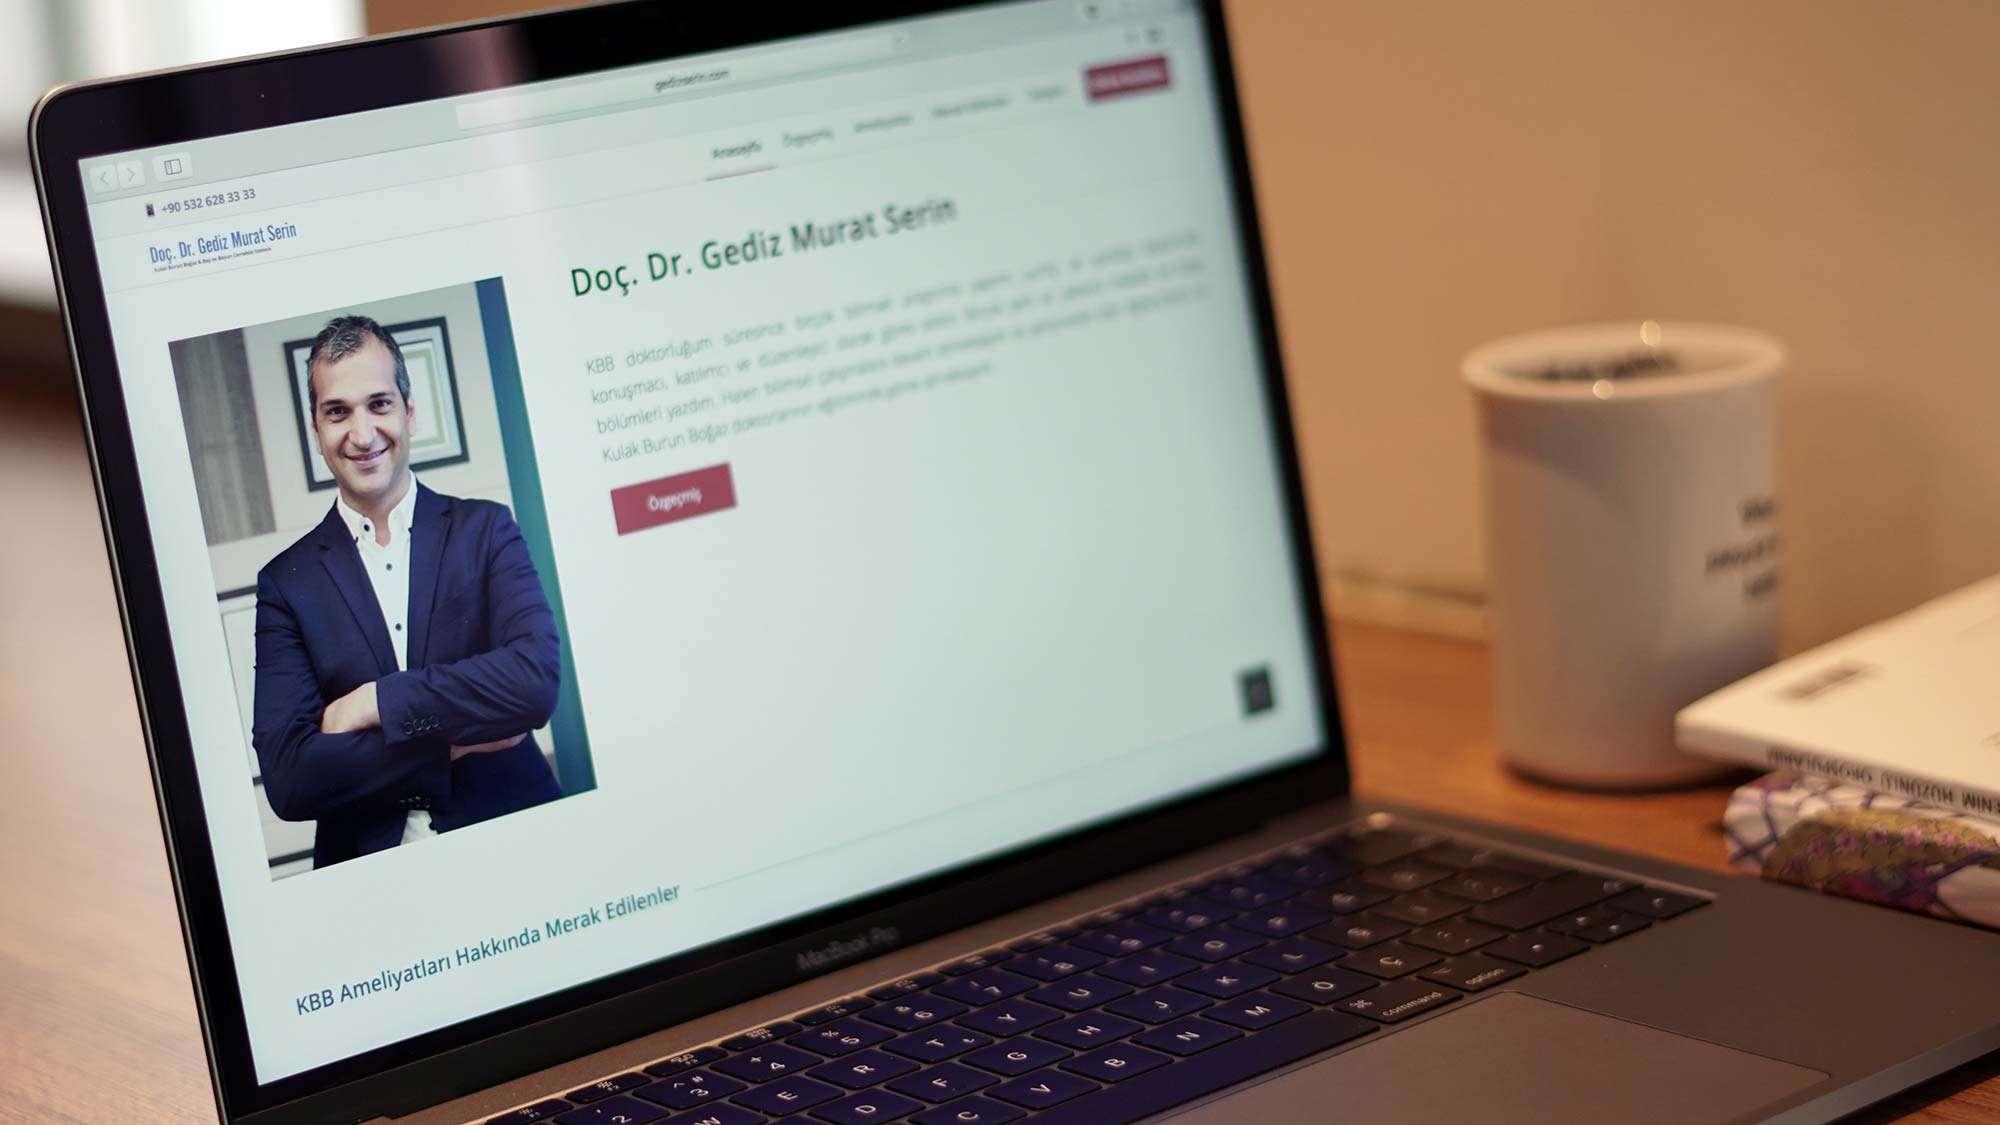 Doç. Dr. Gediz Murat Serin